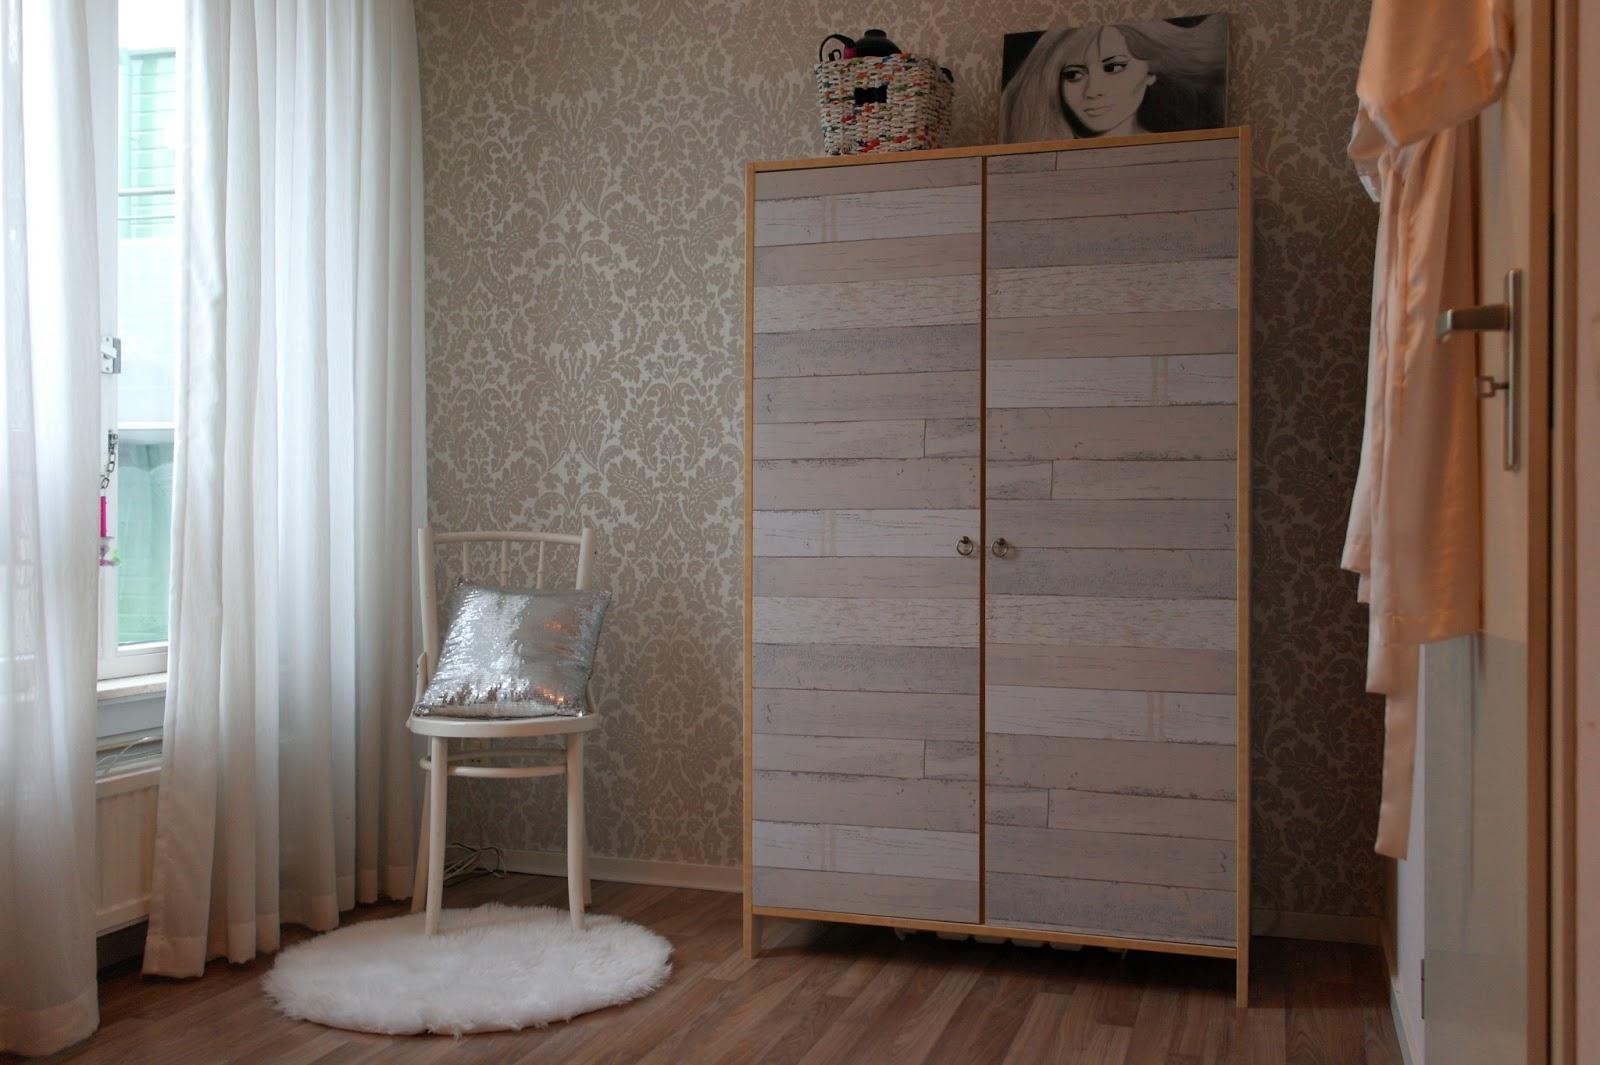 Laura tipt zelfmaakidee sloophouten garderobekast for Gipsplaten behangen met vliesbehang